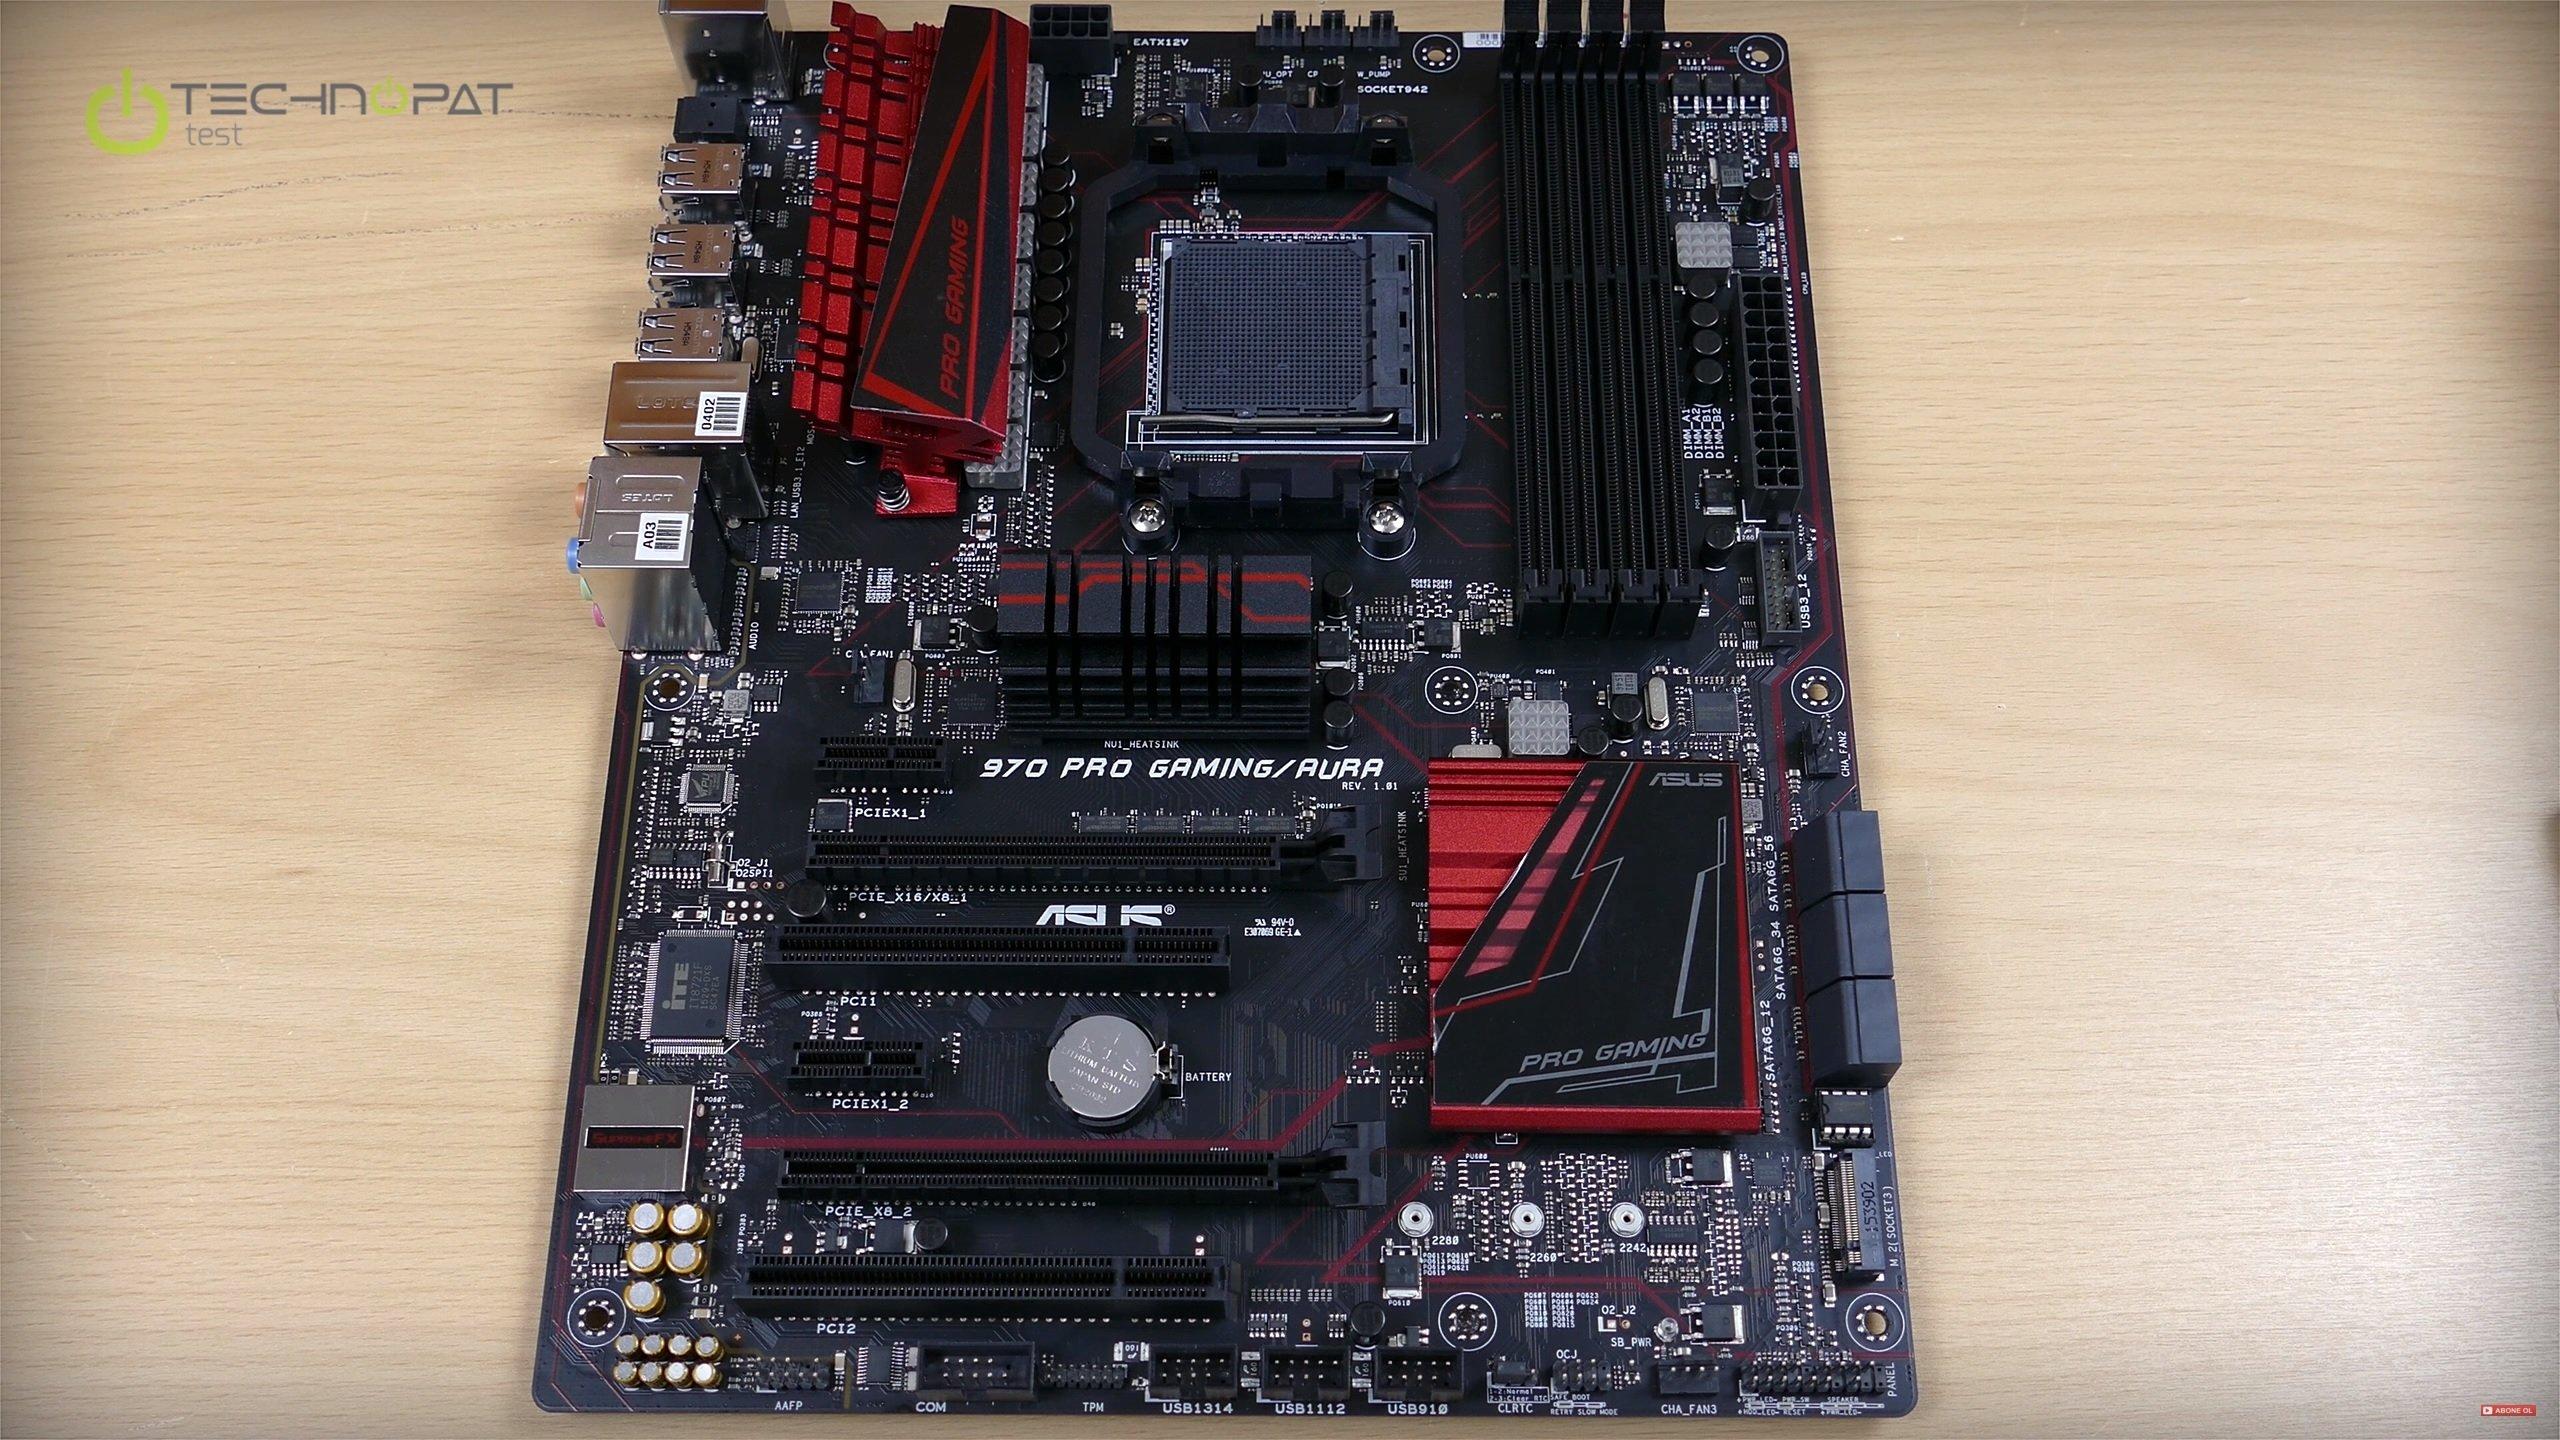 ASUS 970 Pro Gaming Aura yeni bir AMD AM3 anakart